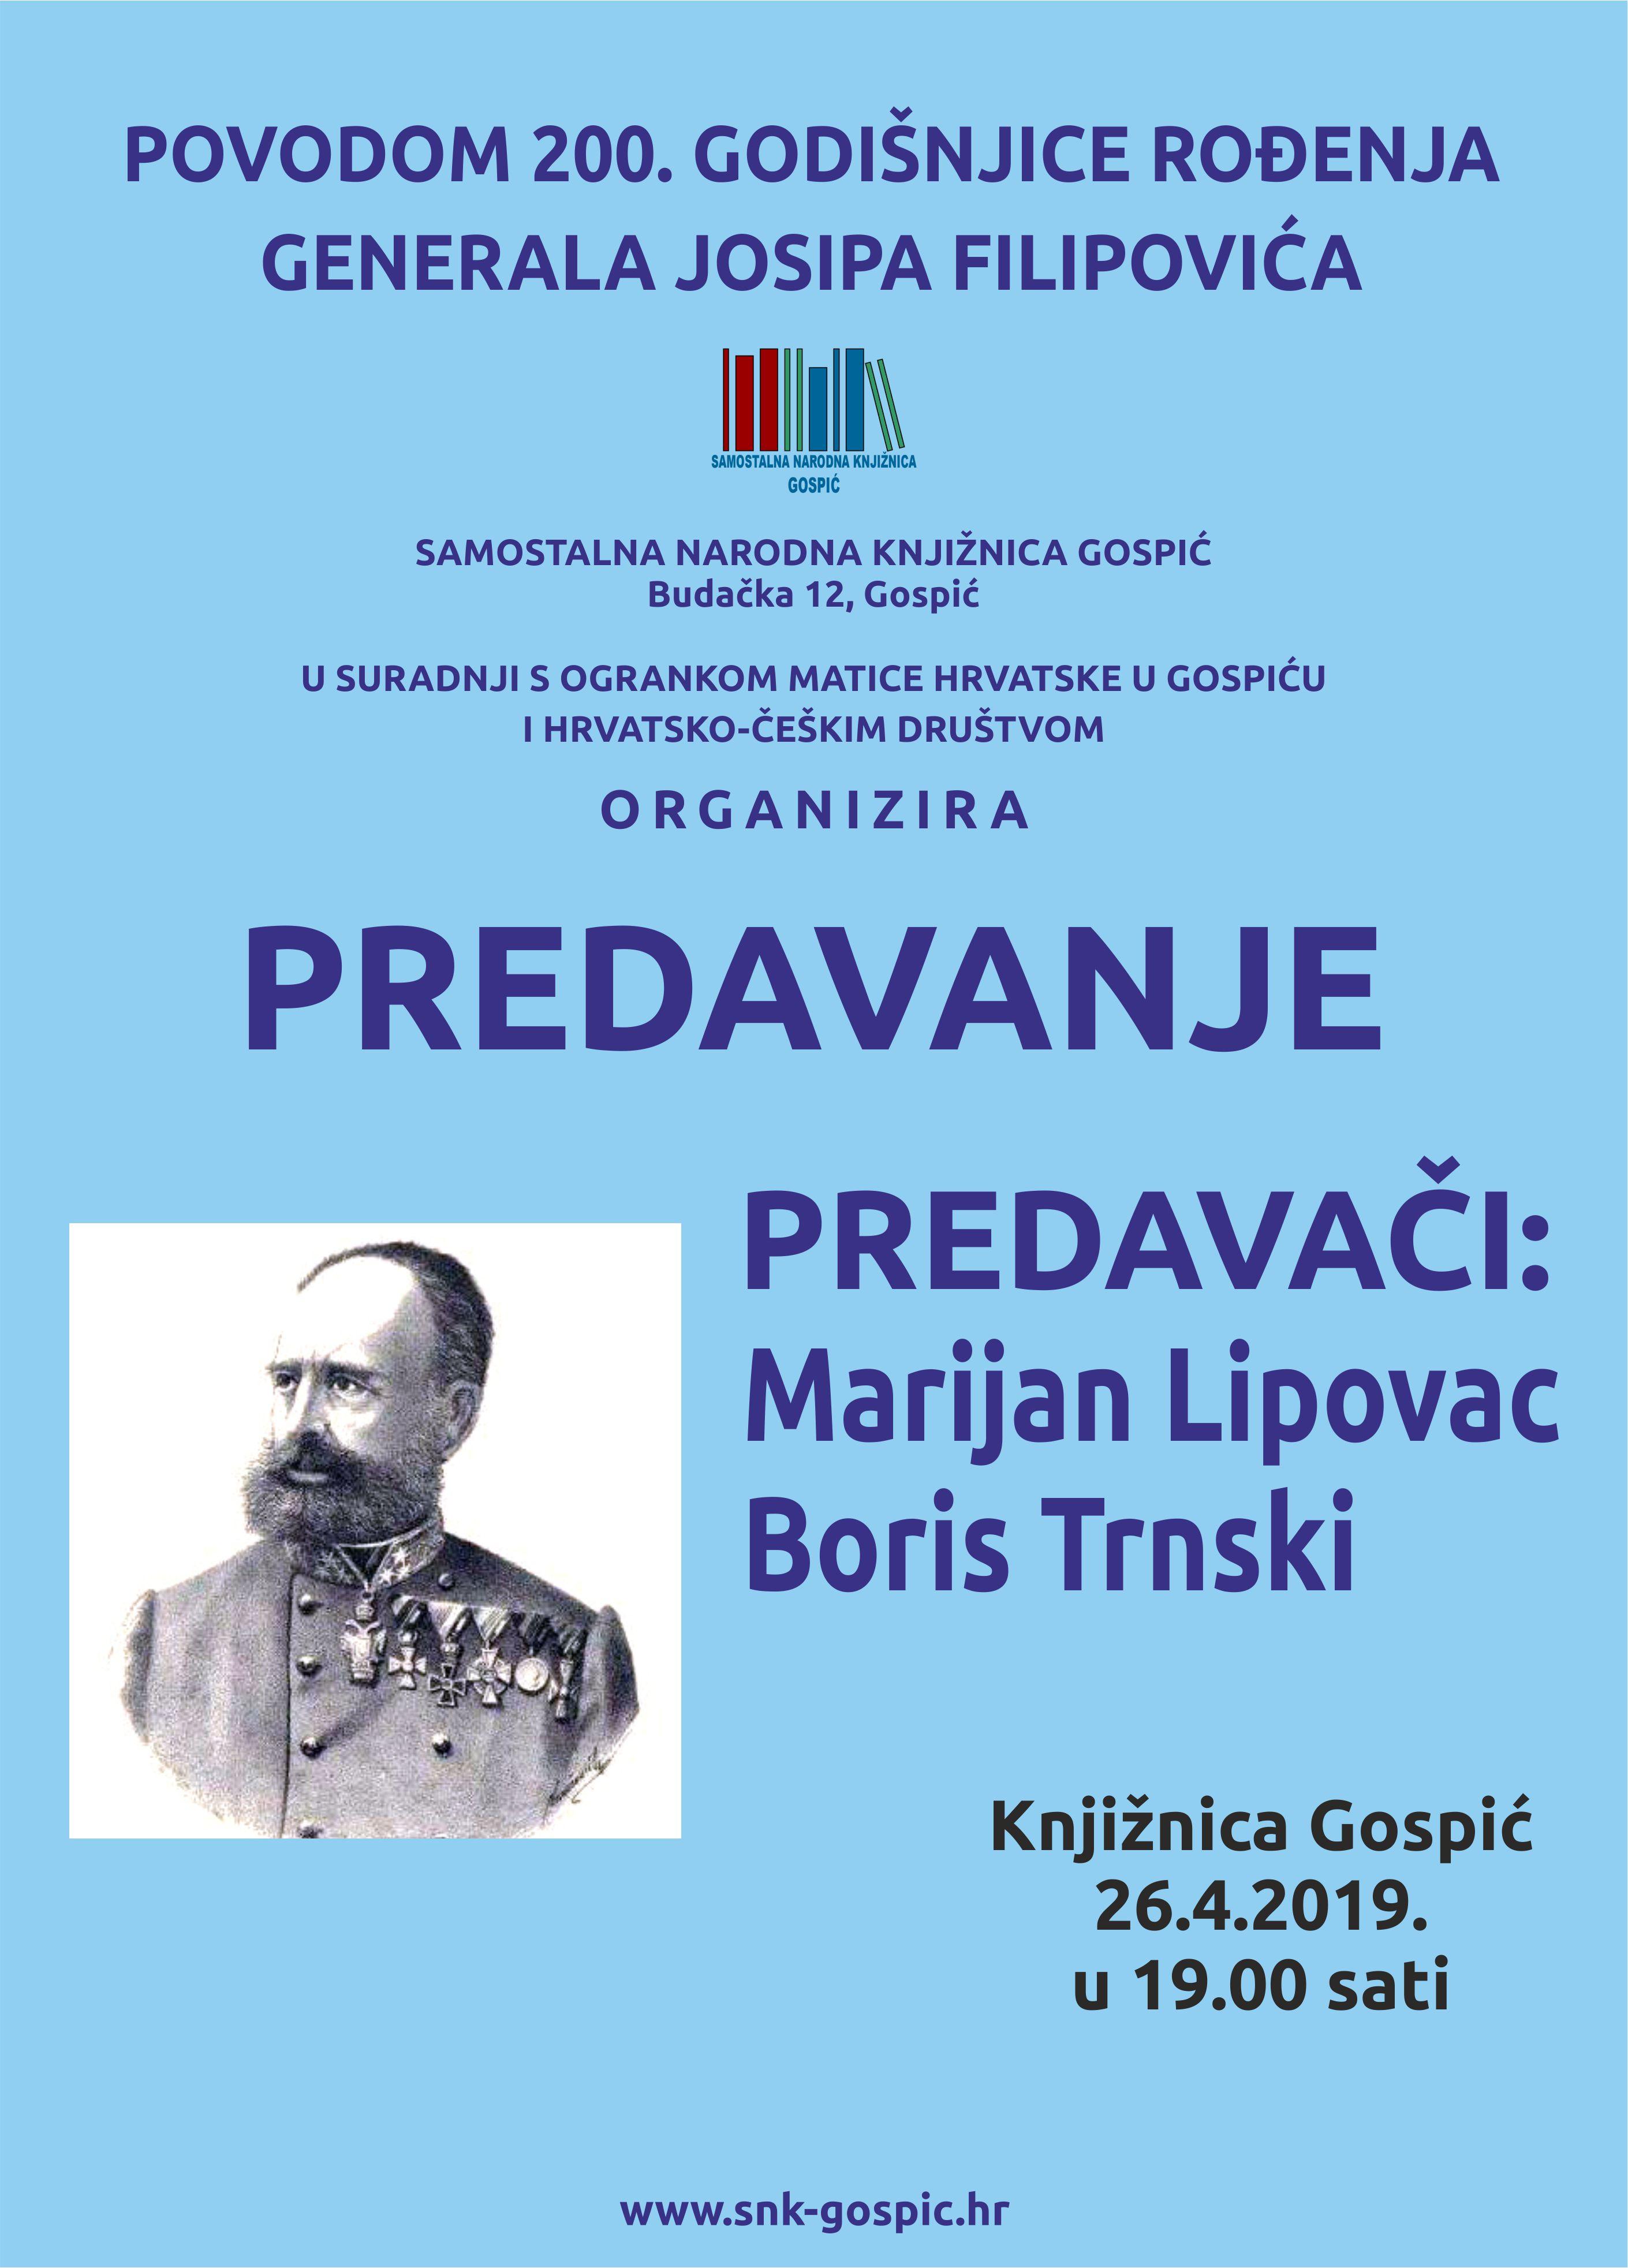 Predavanje – Povodom 200. godišnjice generala Josipa Filipovića